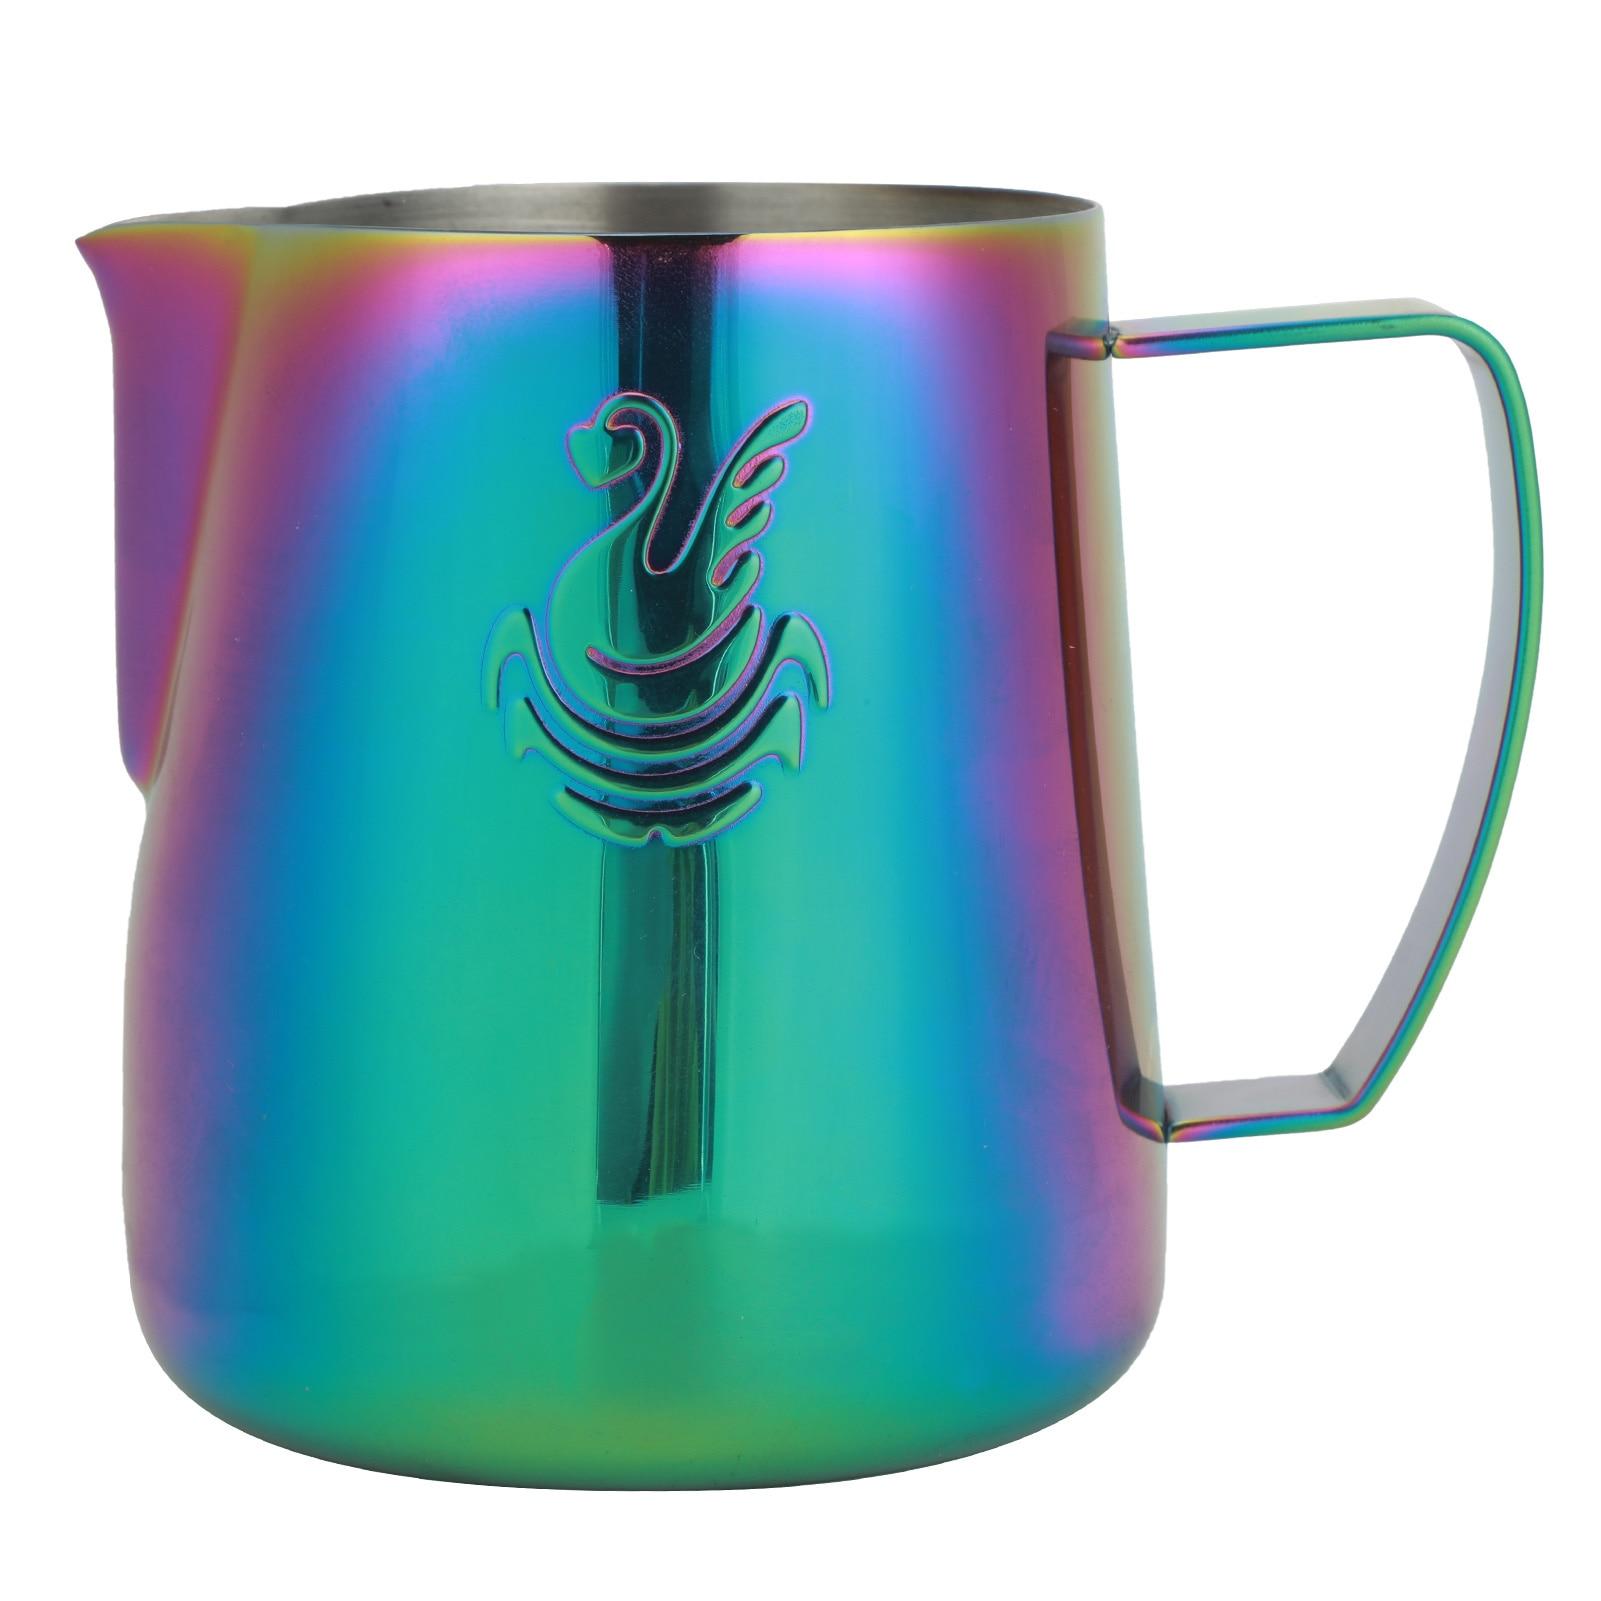 إبريق القهوة الفولاذ المقاوم للصدأ اسبريسو لاتيه الفن إبريق الحليب مزبد كوب 400 مللي/600 مللي كريم صانع Frother المطبخ الإستنسل